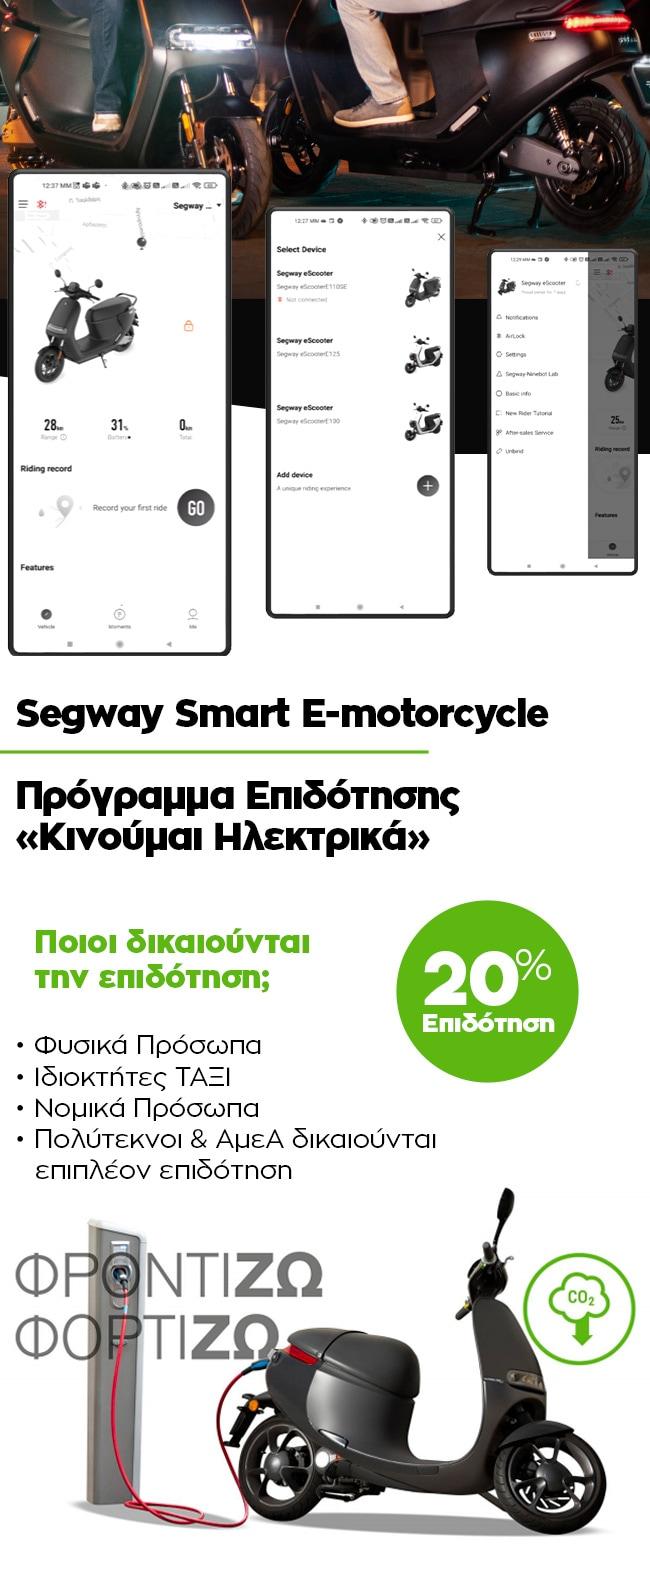 Segway Smart e-motrocycle - 20% επιδότηση στο πρόγραμμα Κινούμαι Ηλεκτρικά